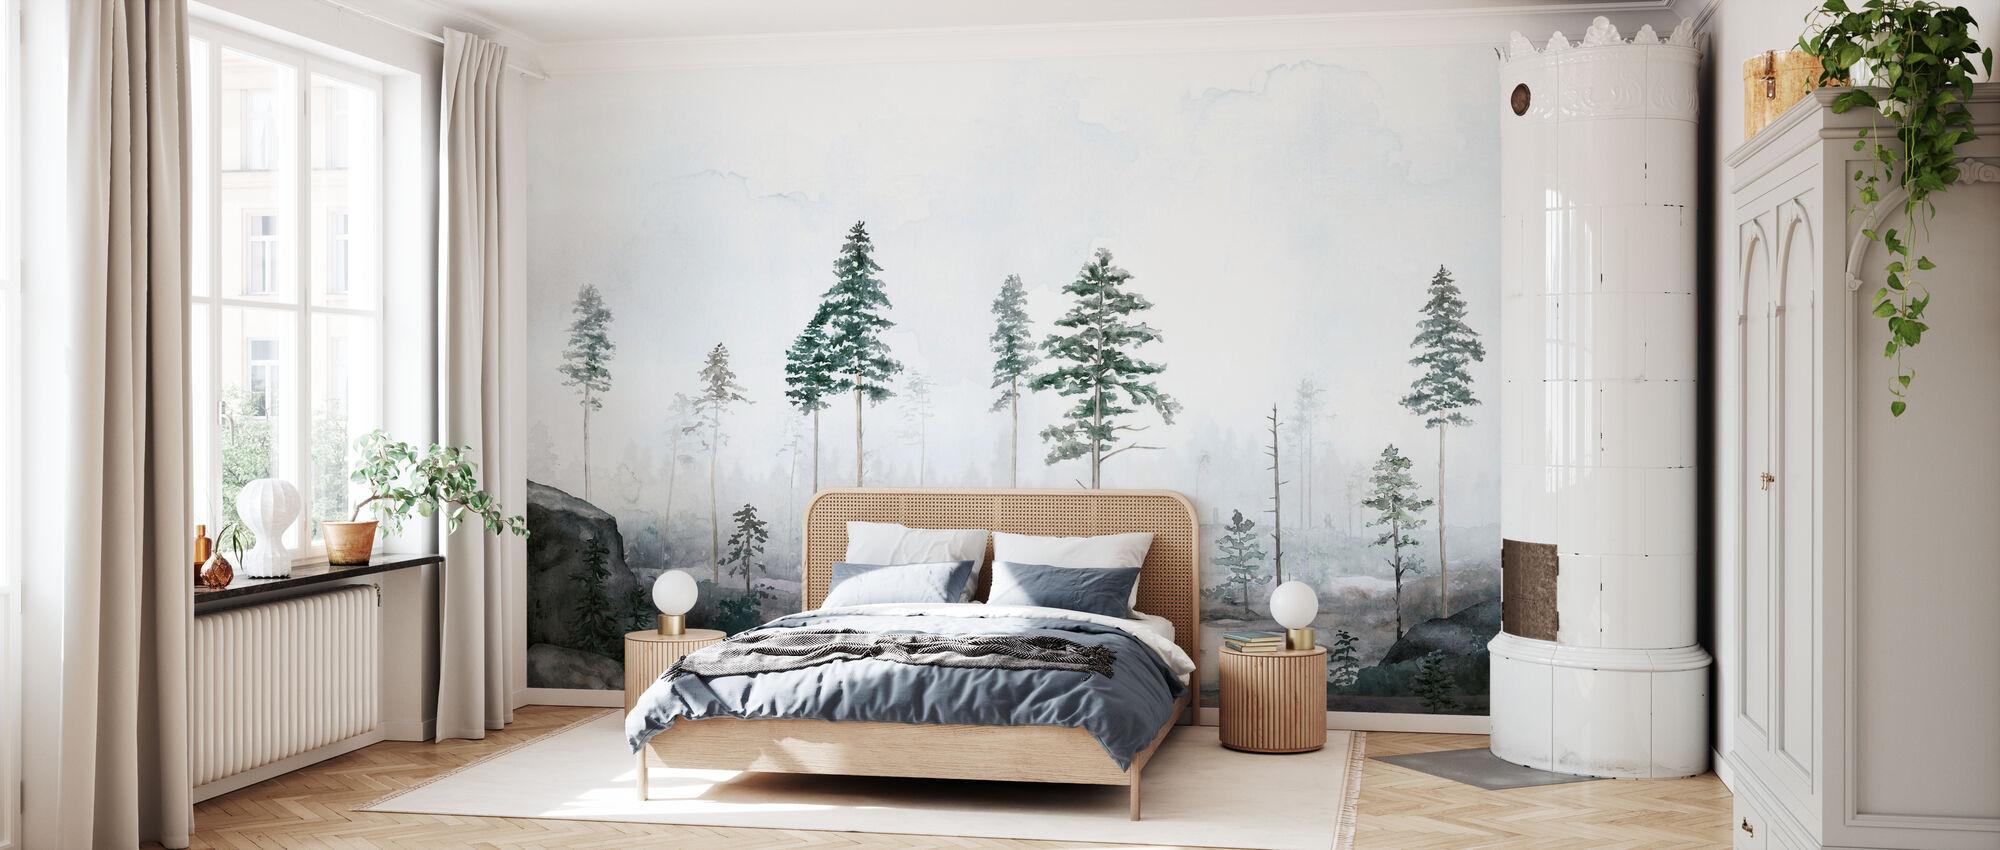 Kalhygge II - Wallpaper - Bedroom